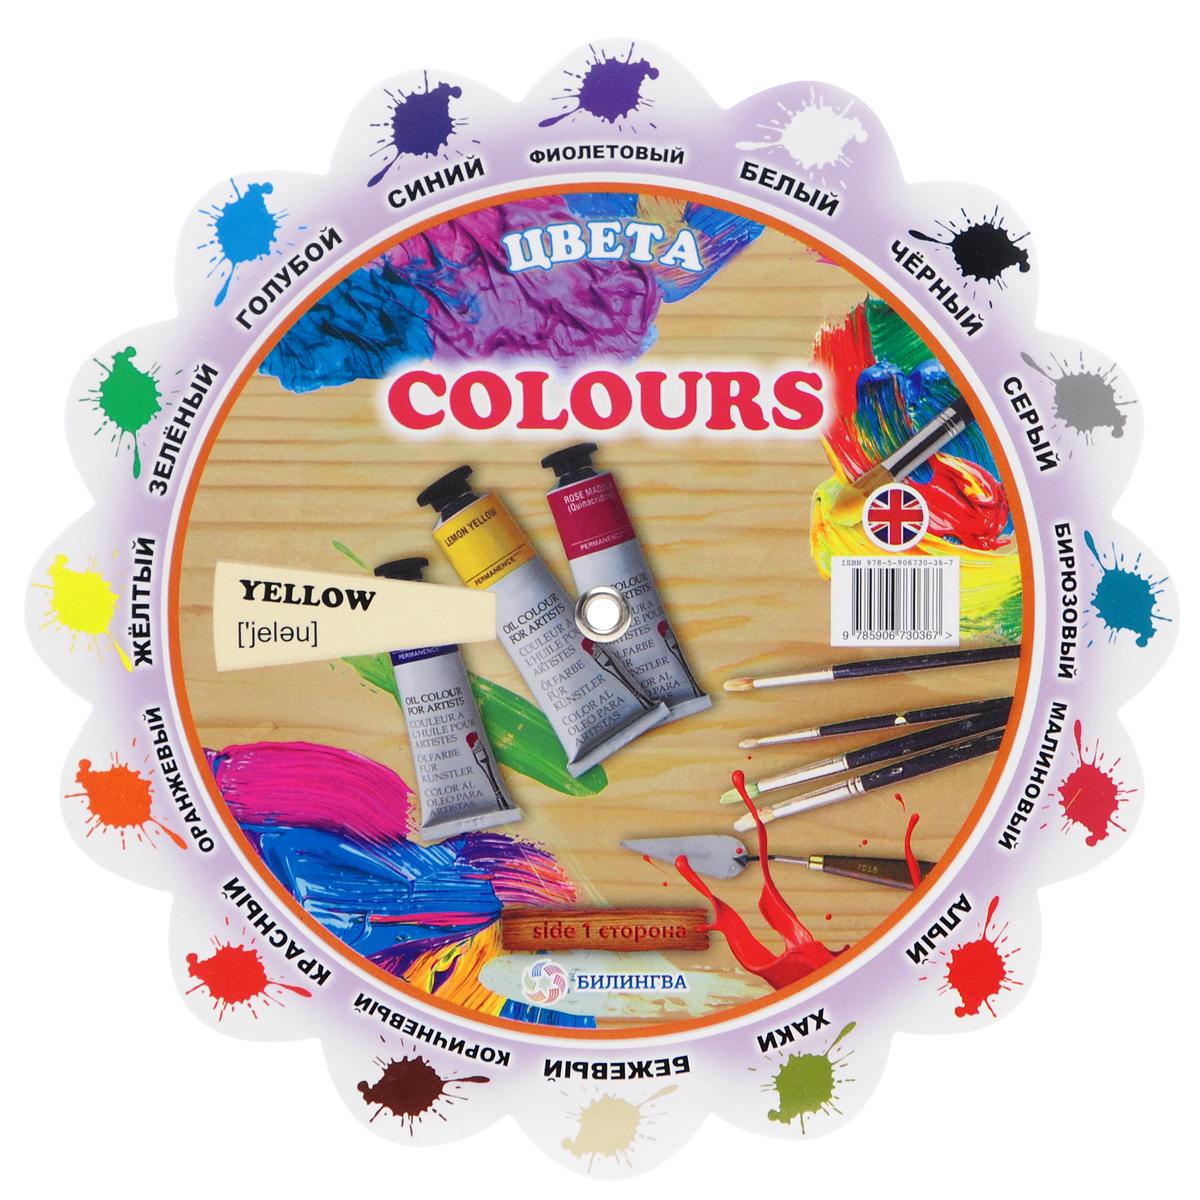 Colours / Цвета. Тематический словарь ( 978-5-906730-36-7 )